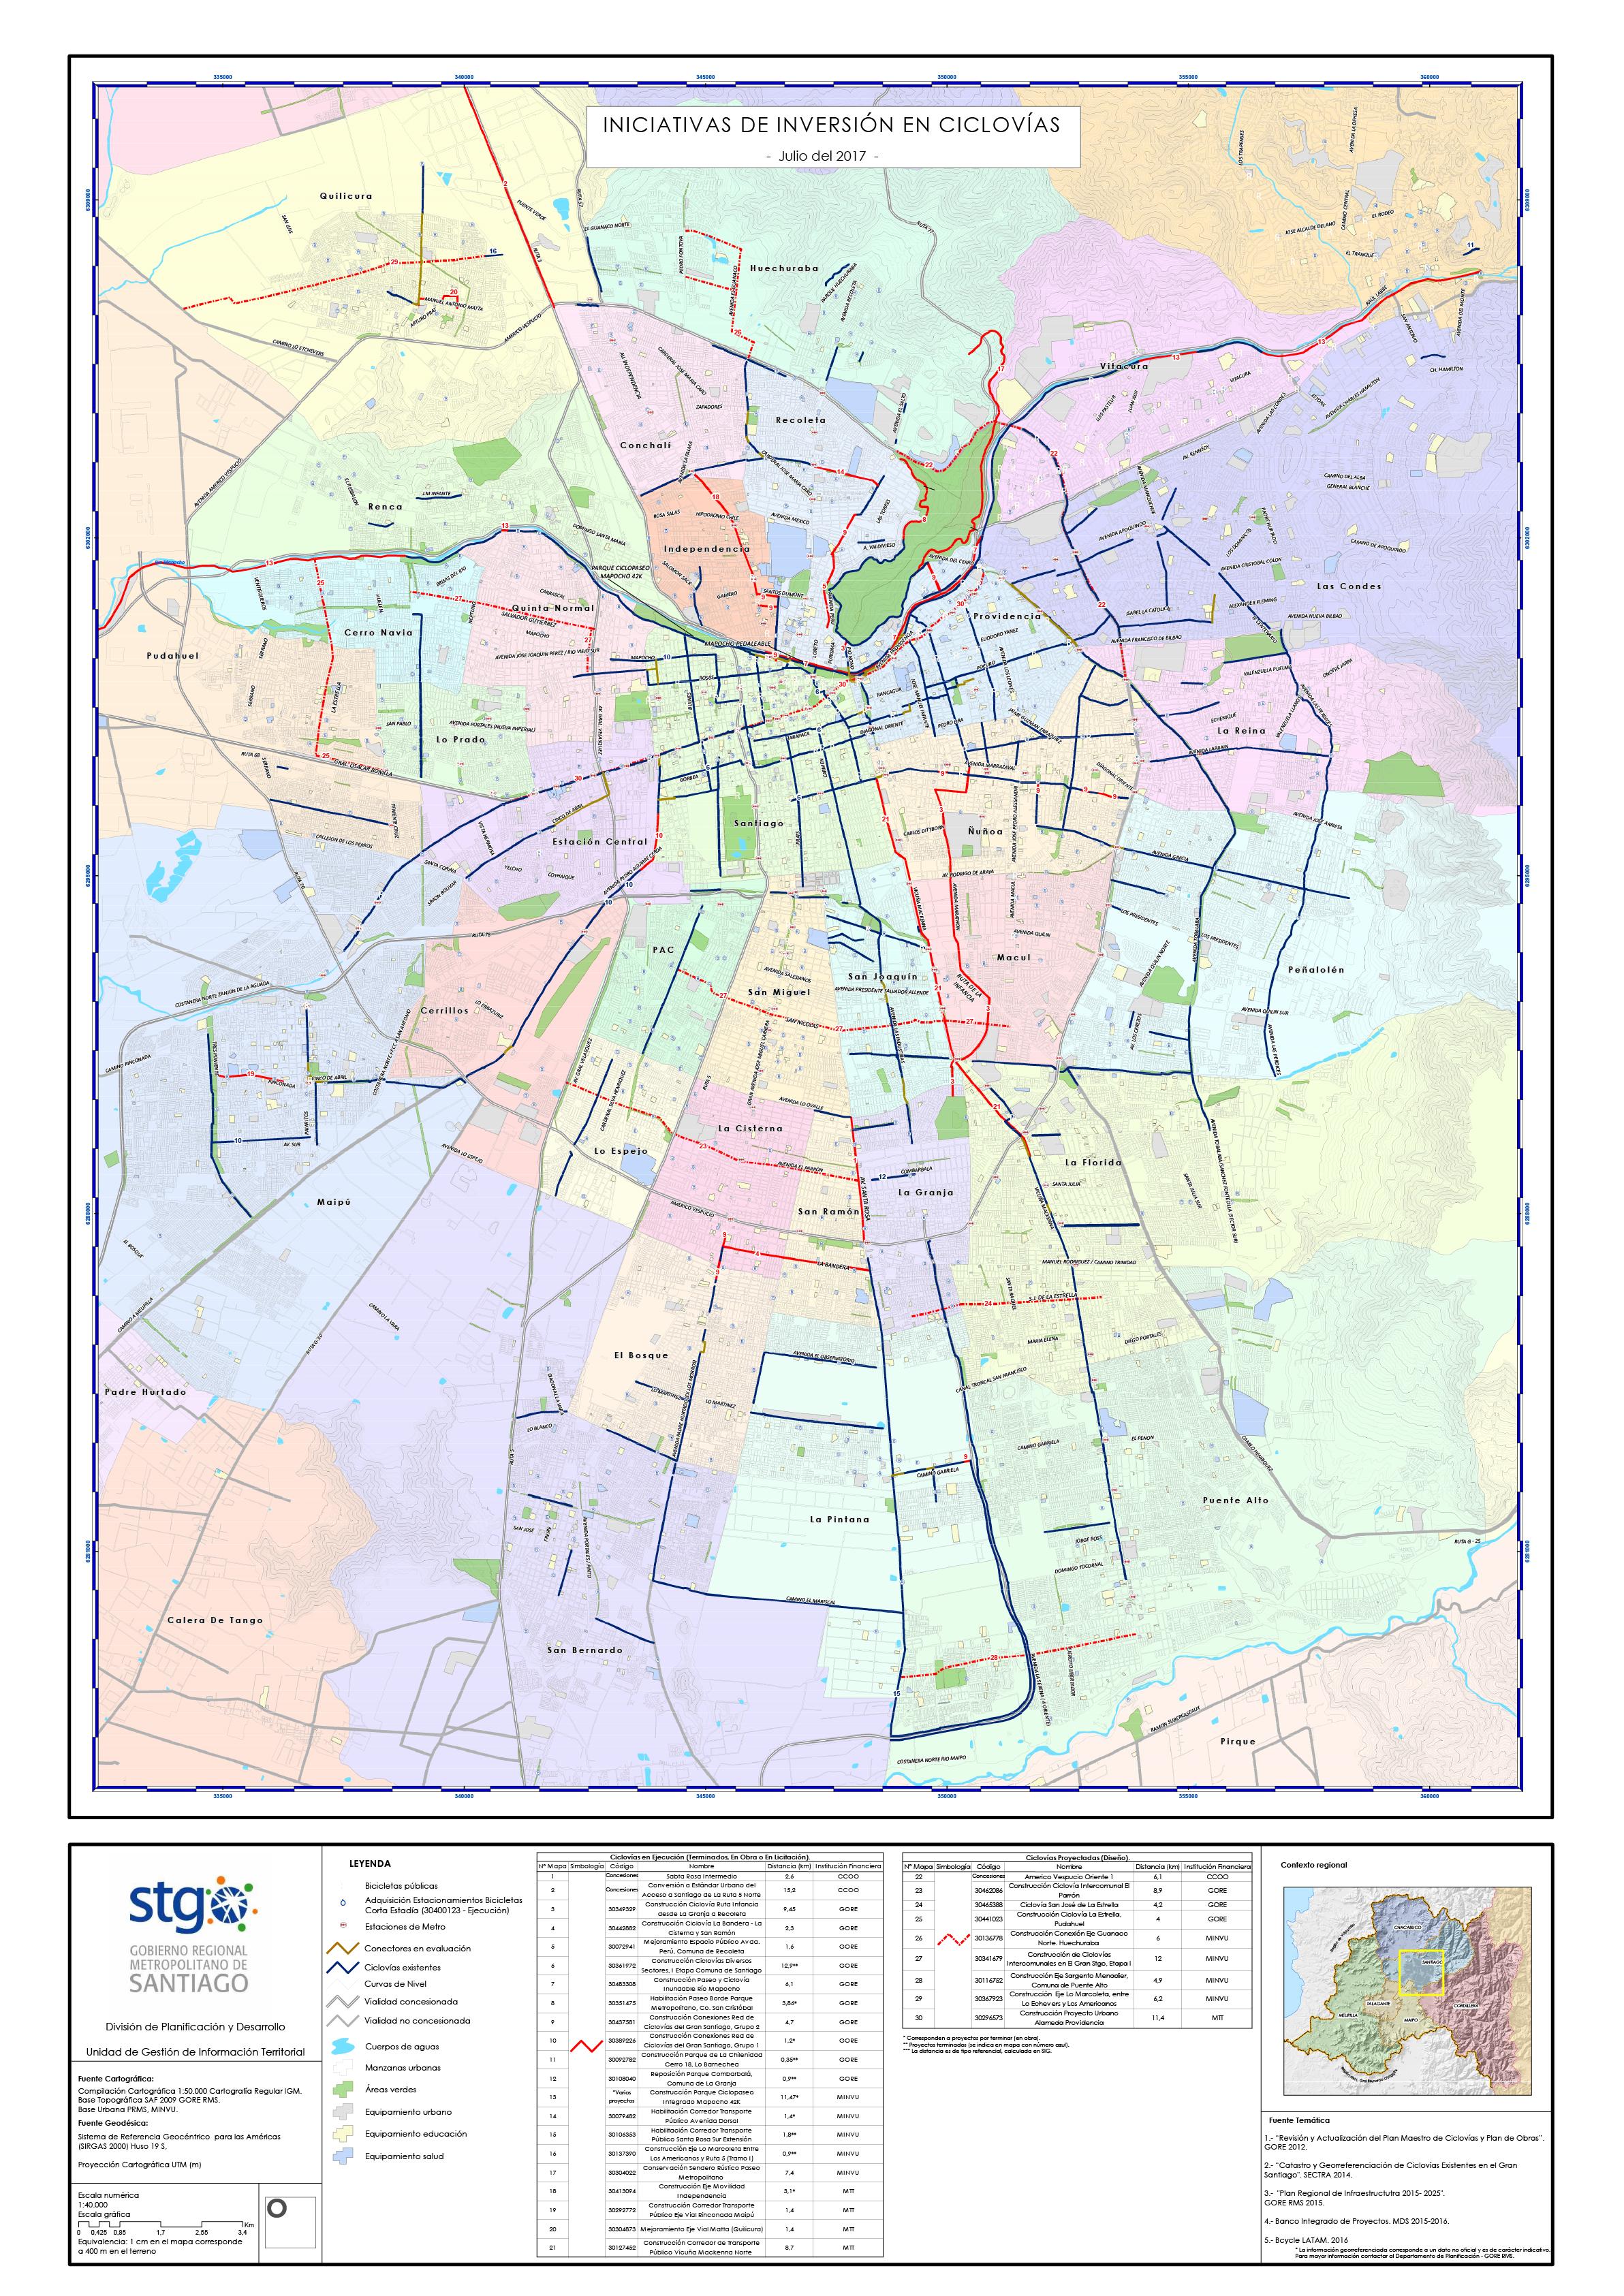 mapa santiago Mapa de Iniciativas de Inversión en Ciclovías, Gran Santiago año  mapa santiago